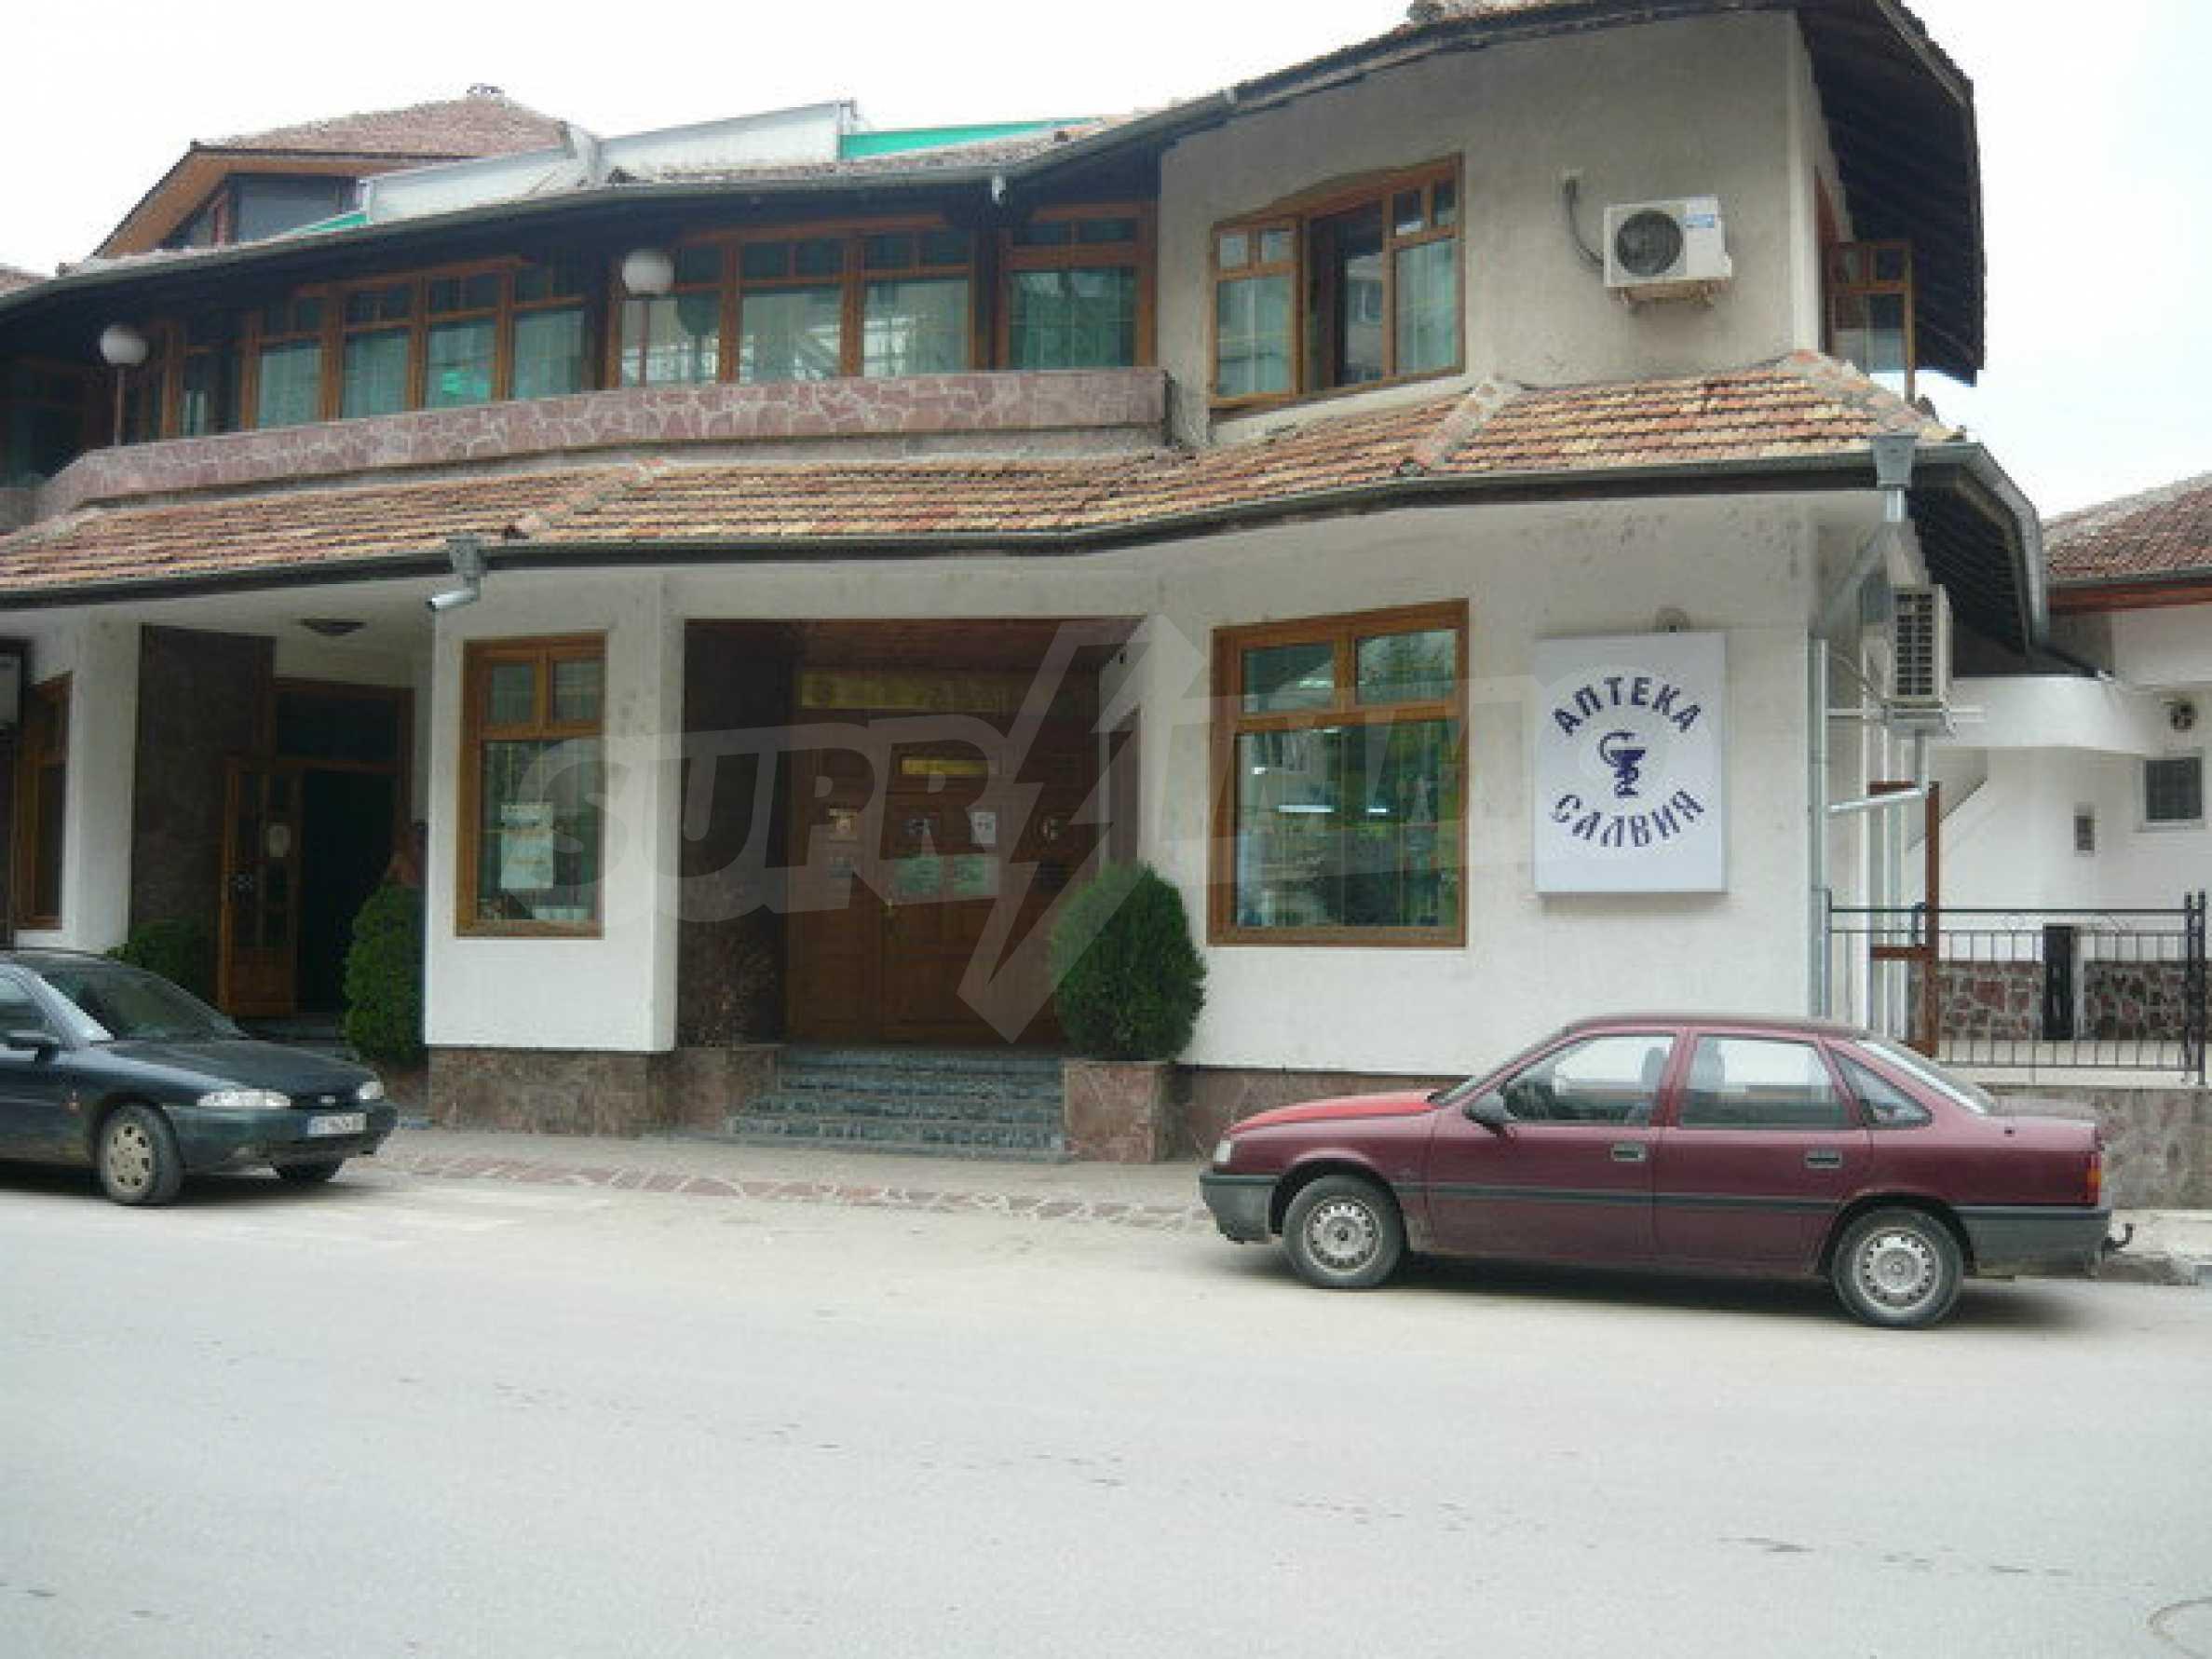 Бизнес имот на 3 етажа във Велико Търново 49